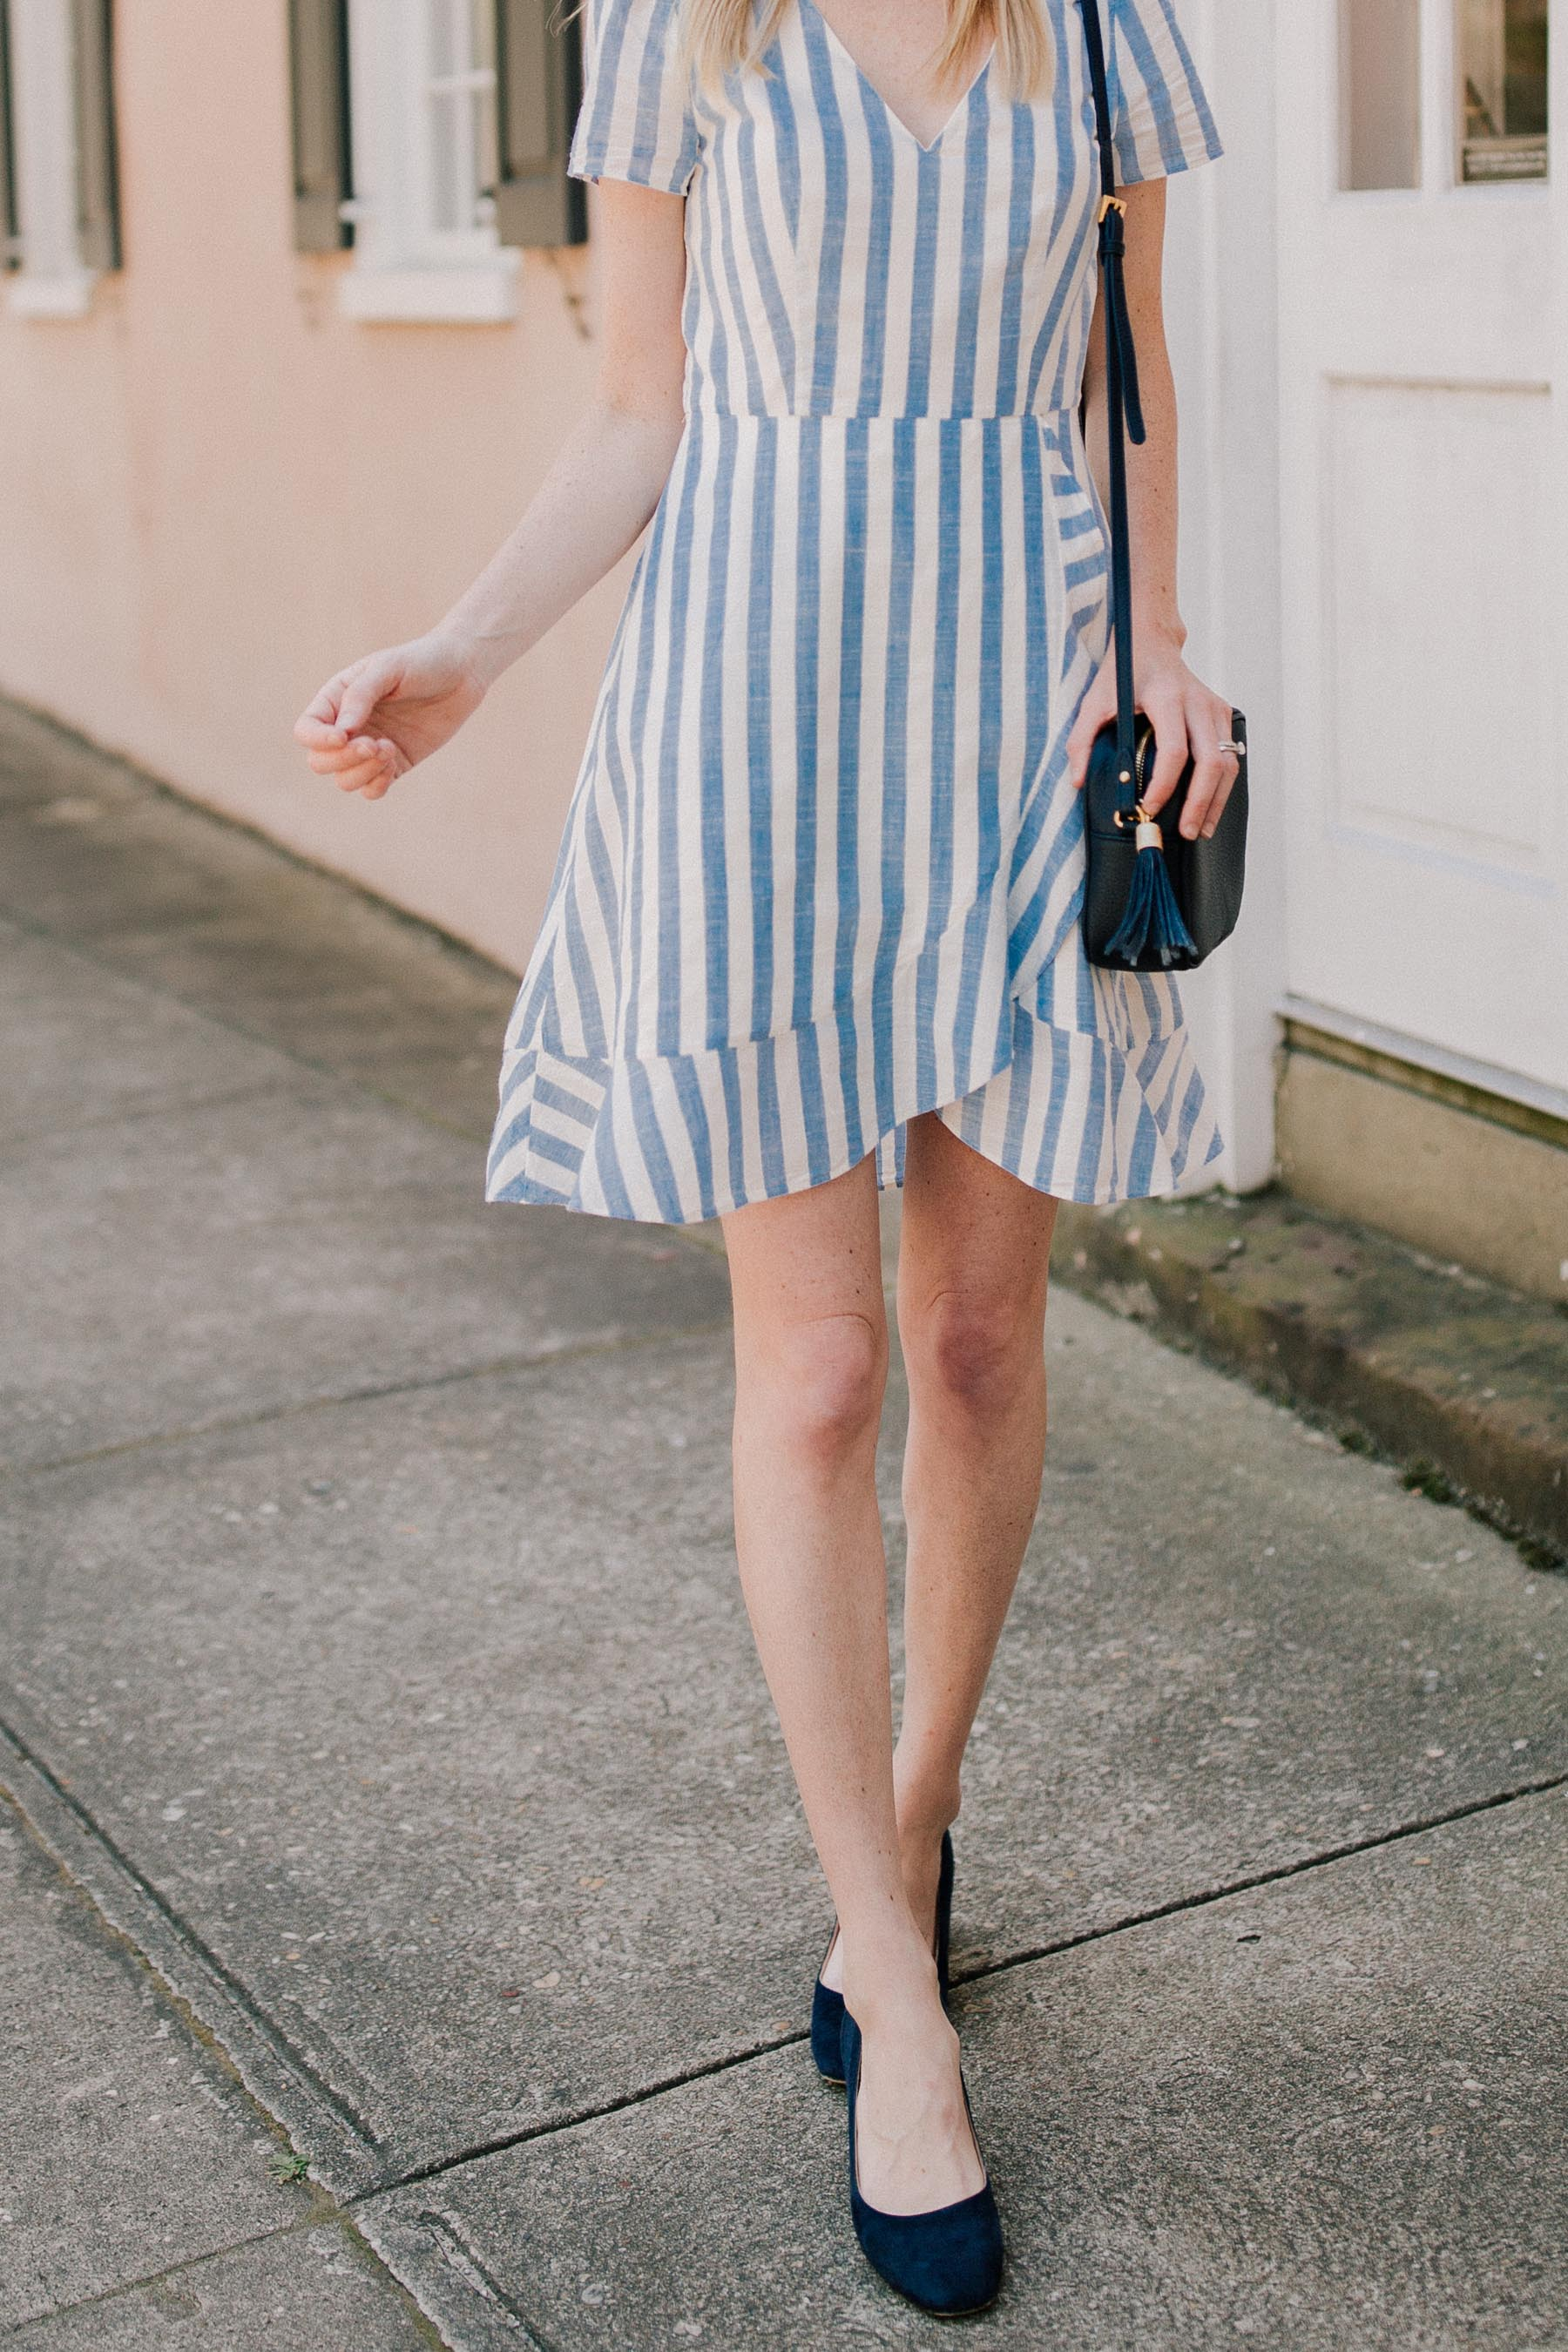 b5c056368e9 Striped Ruffle Wrap Dress by JCrew Factory - Kelly in the City